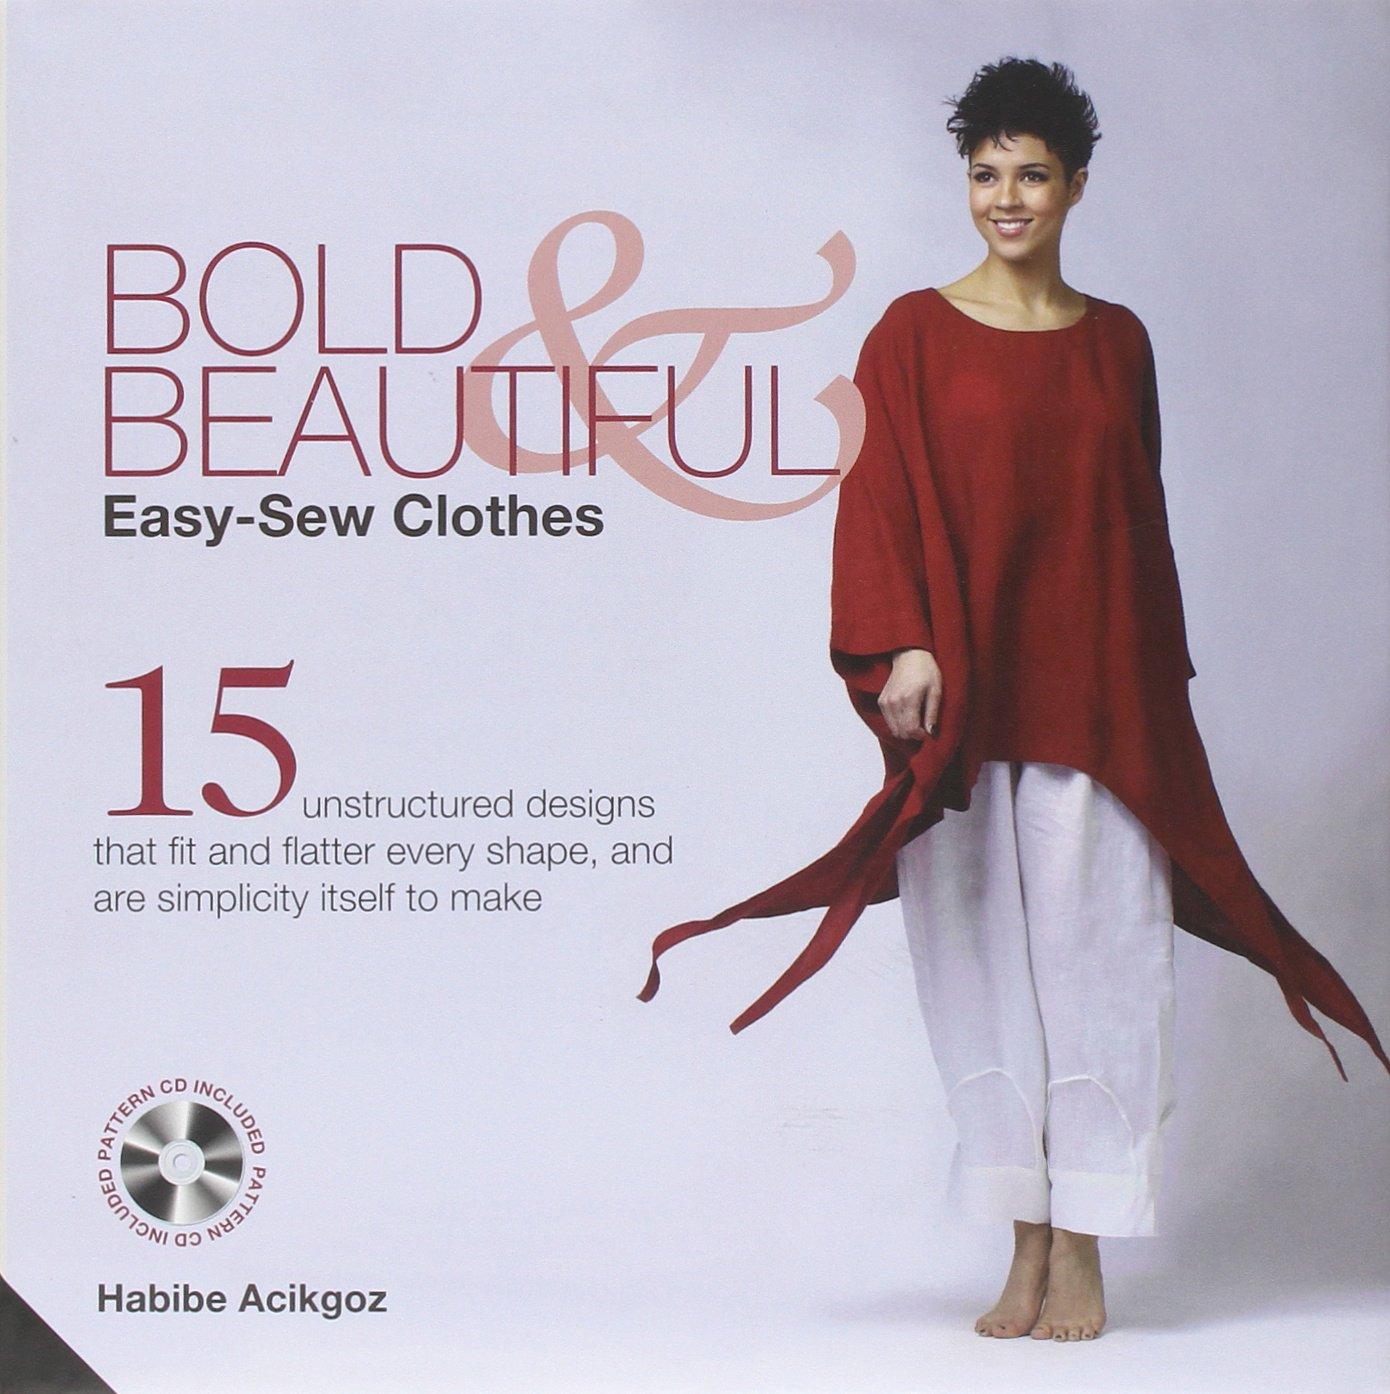 9b6455abe6 Bold and Beautiful  Easy-Sew Clothes  Amazon.co.uk  Habibe Acikgoz ...